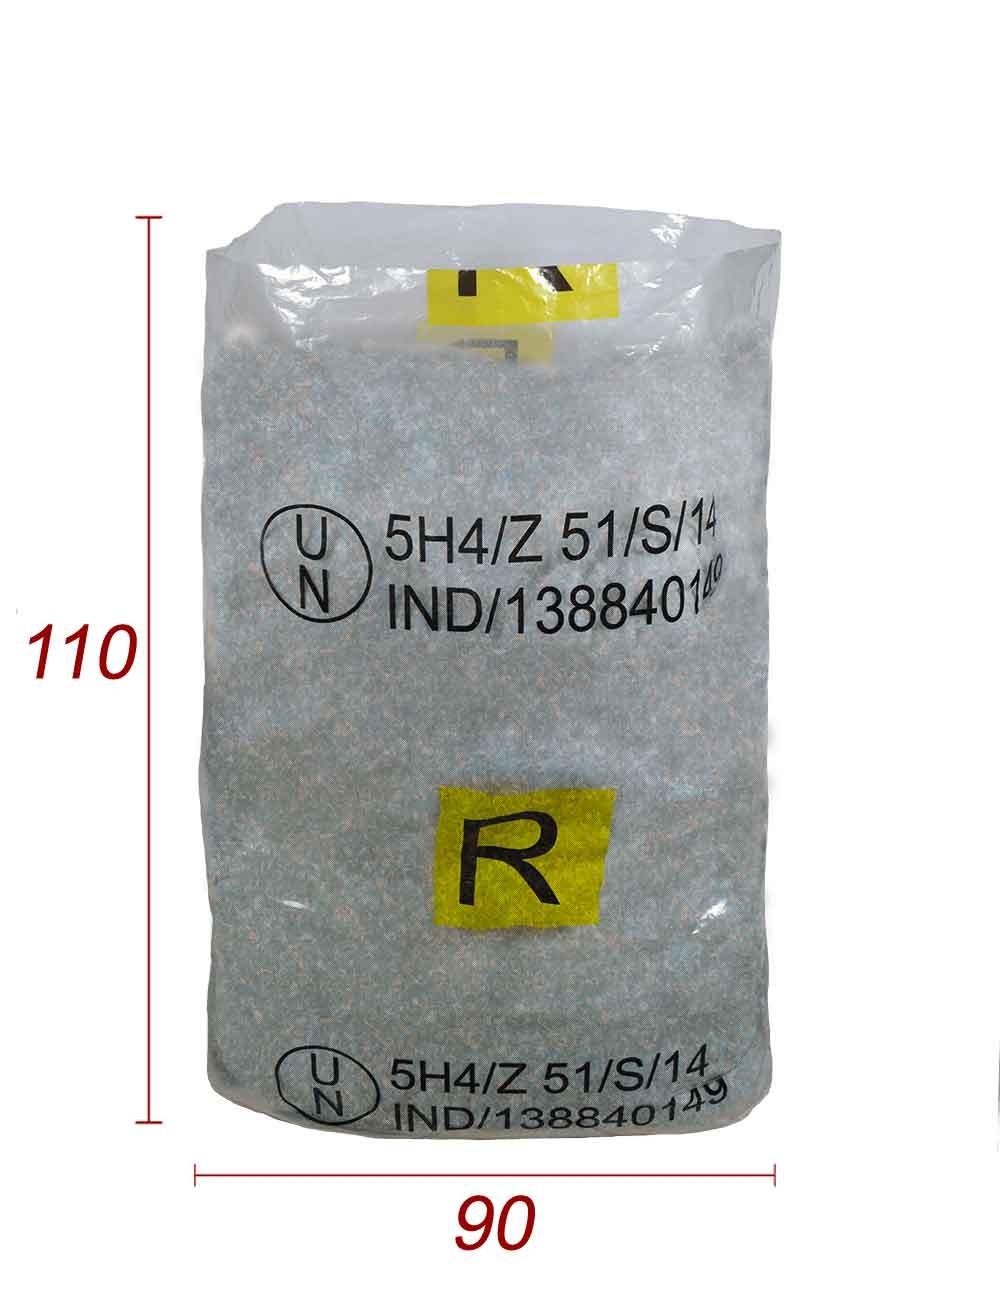 Bolsas PE Plástico Reutilizable UN - Producto peligroso